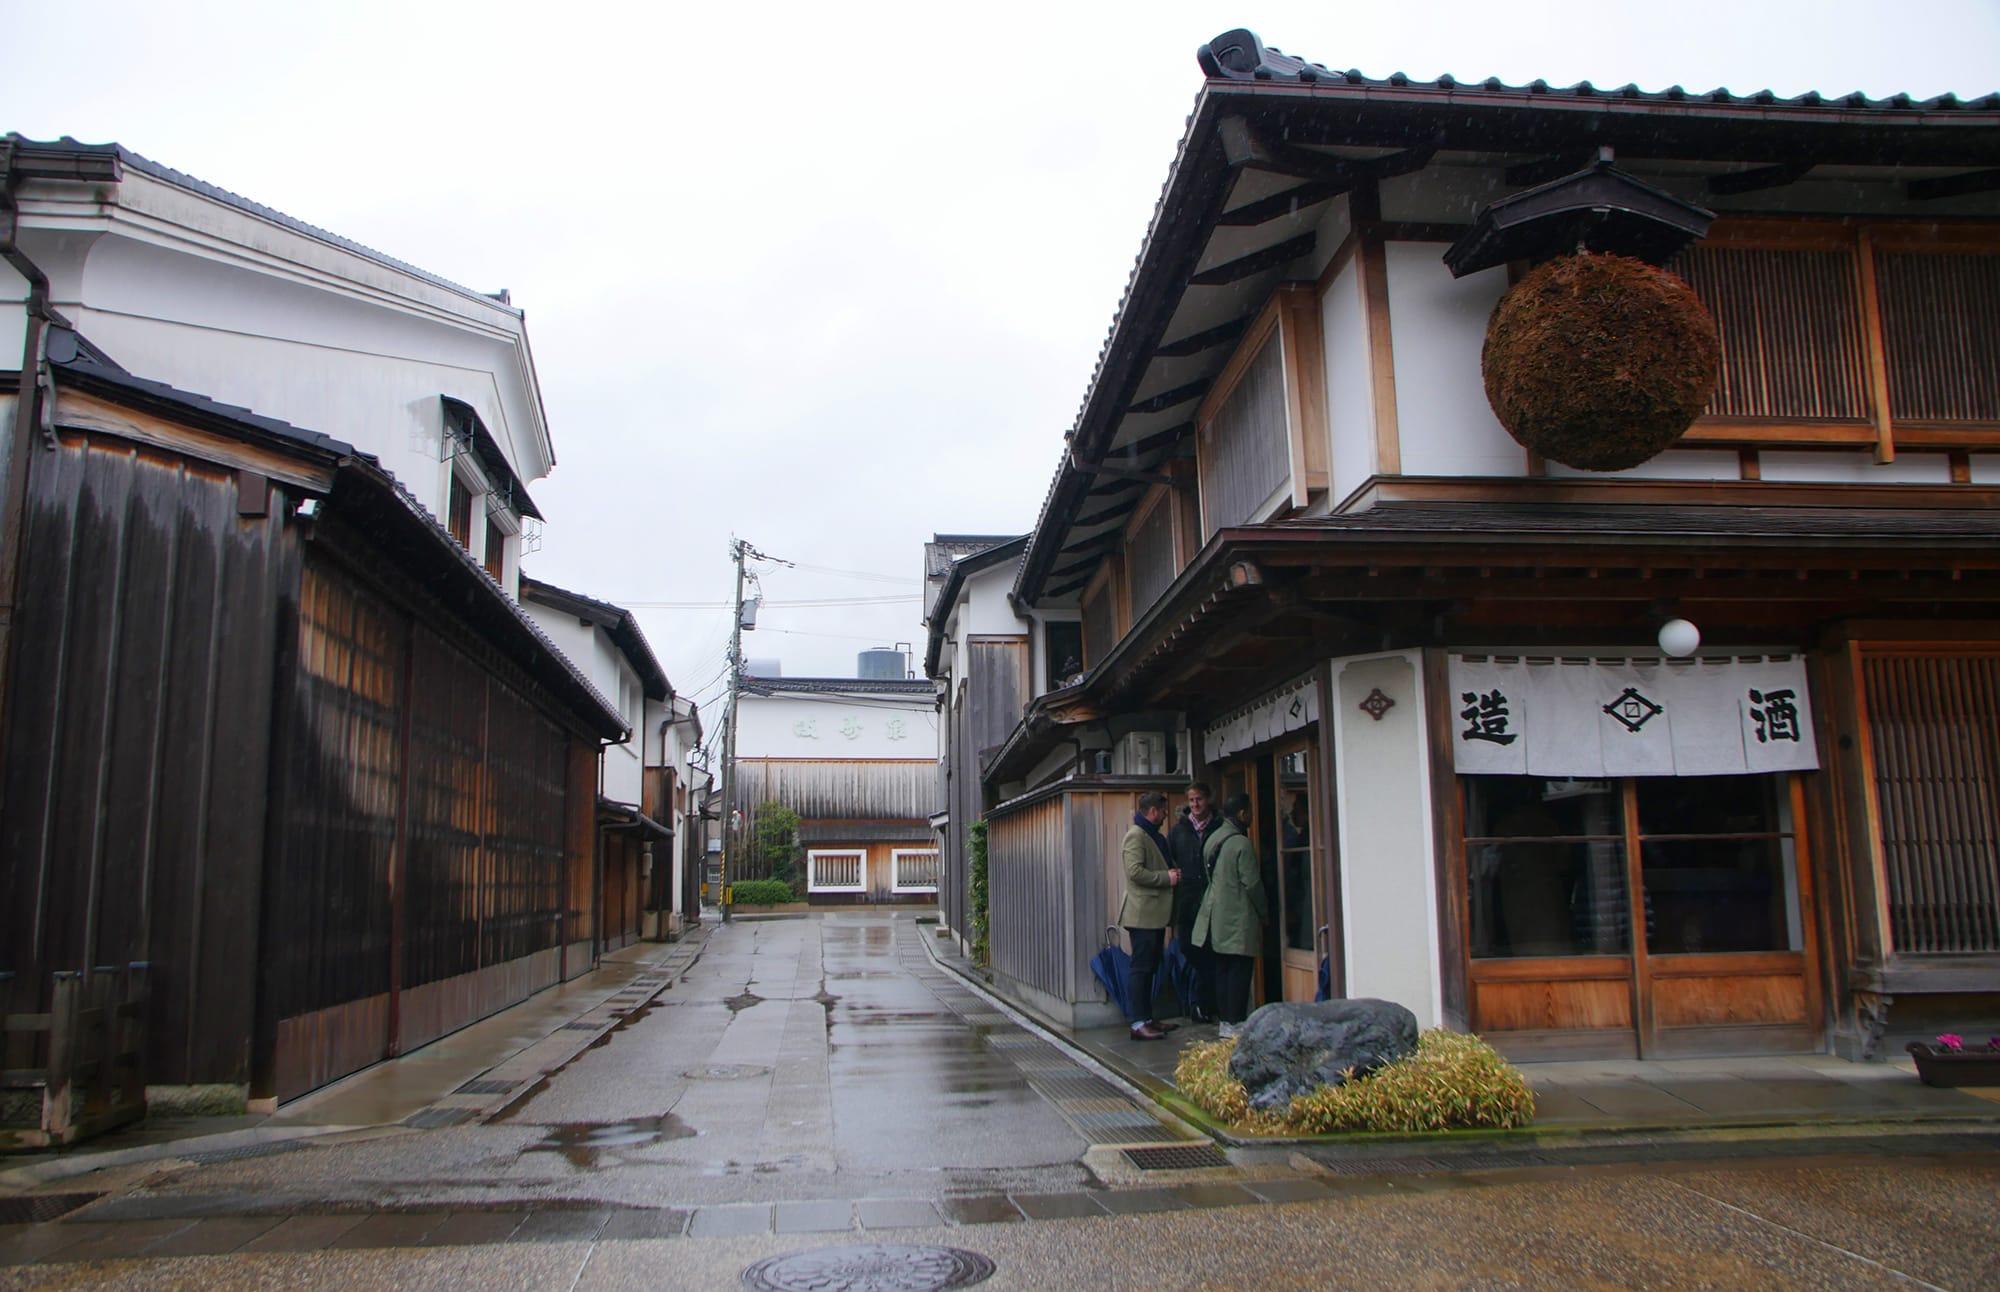 富山市岩瀬地区の桝田酒造店。岩瀬では風情ある街並みを散策しながら富山の美酒美食を体験できる。